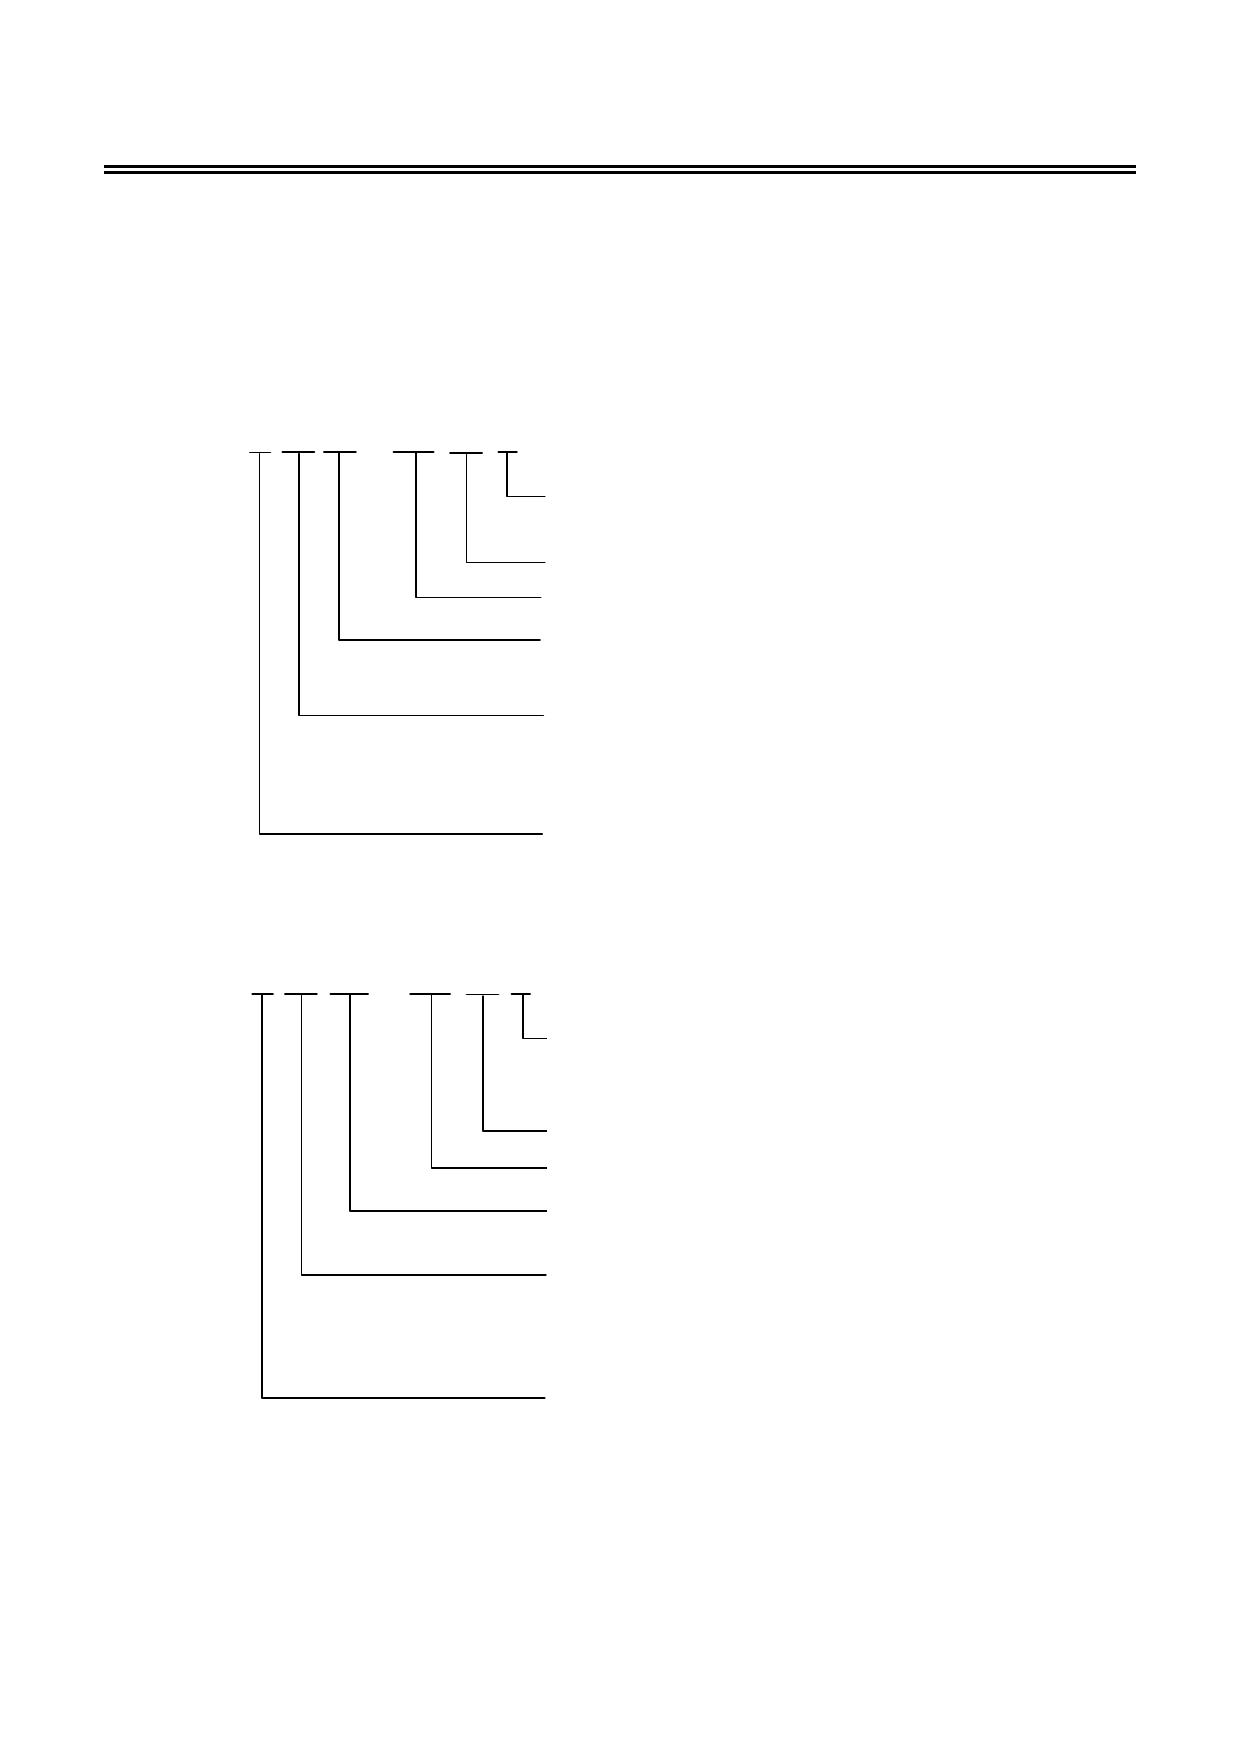 S-1112 pdf, ピン配列